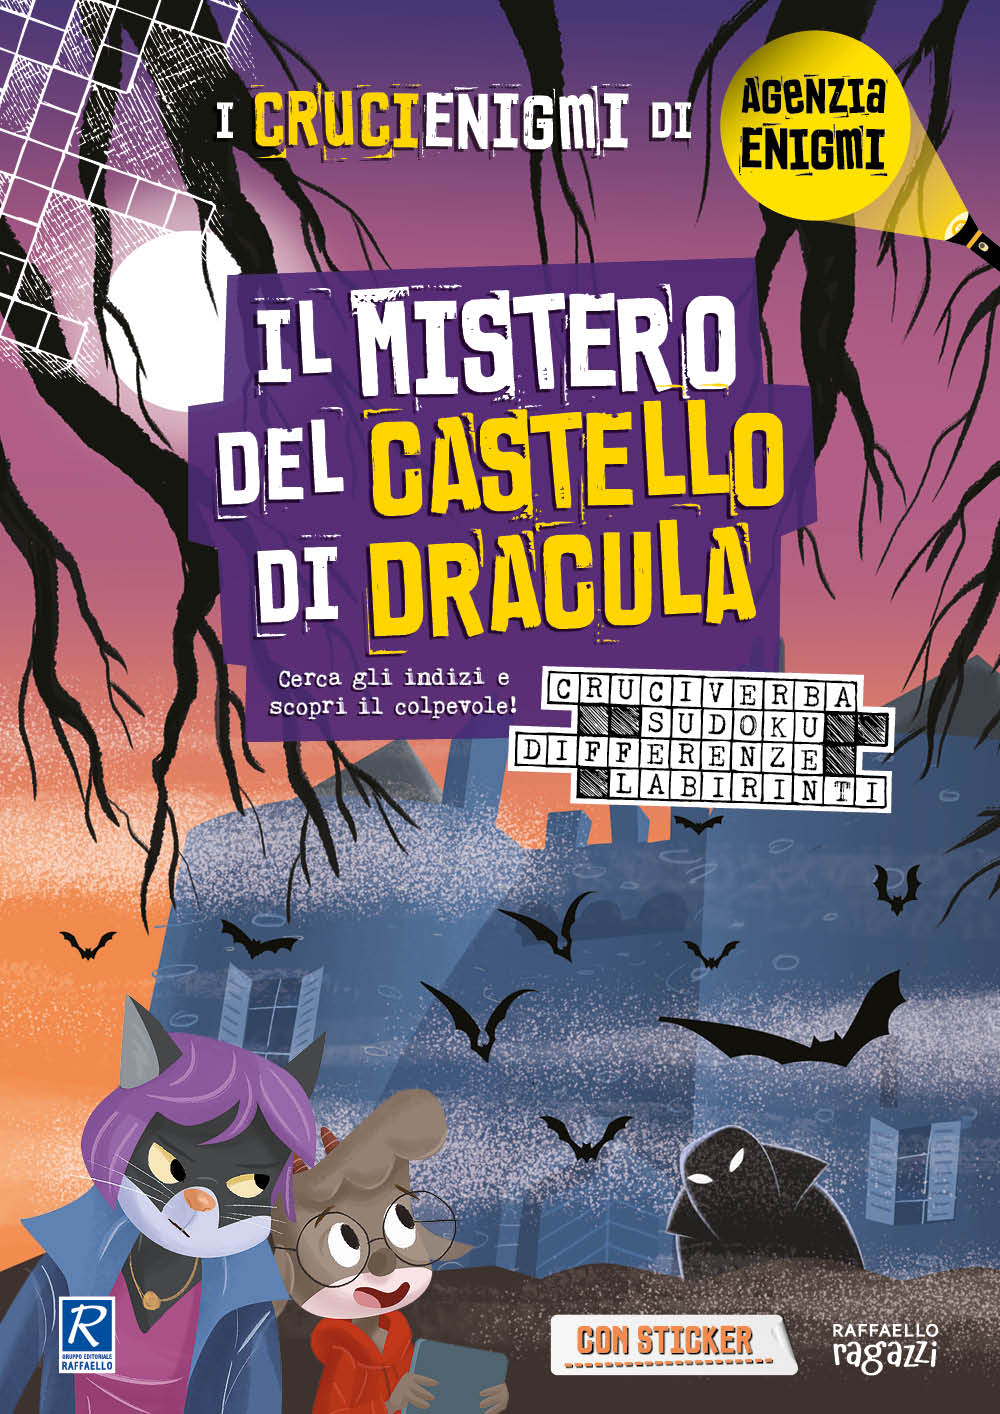 I crucienigmi - Il mistero del castello di Dracula